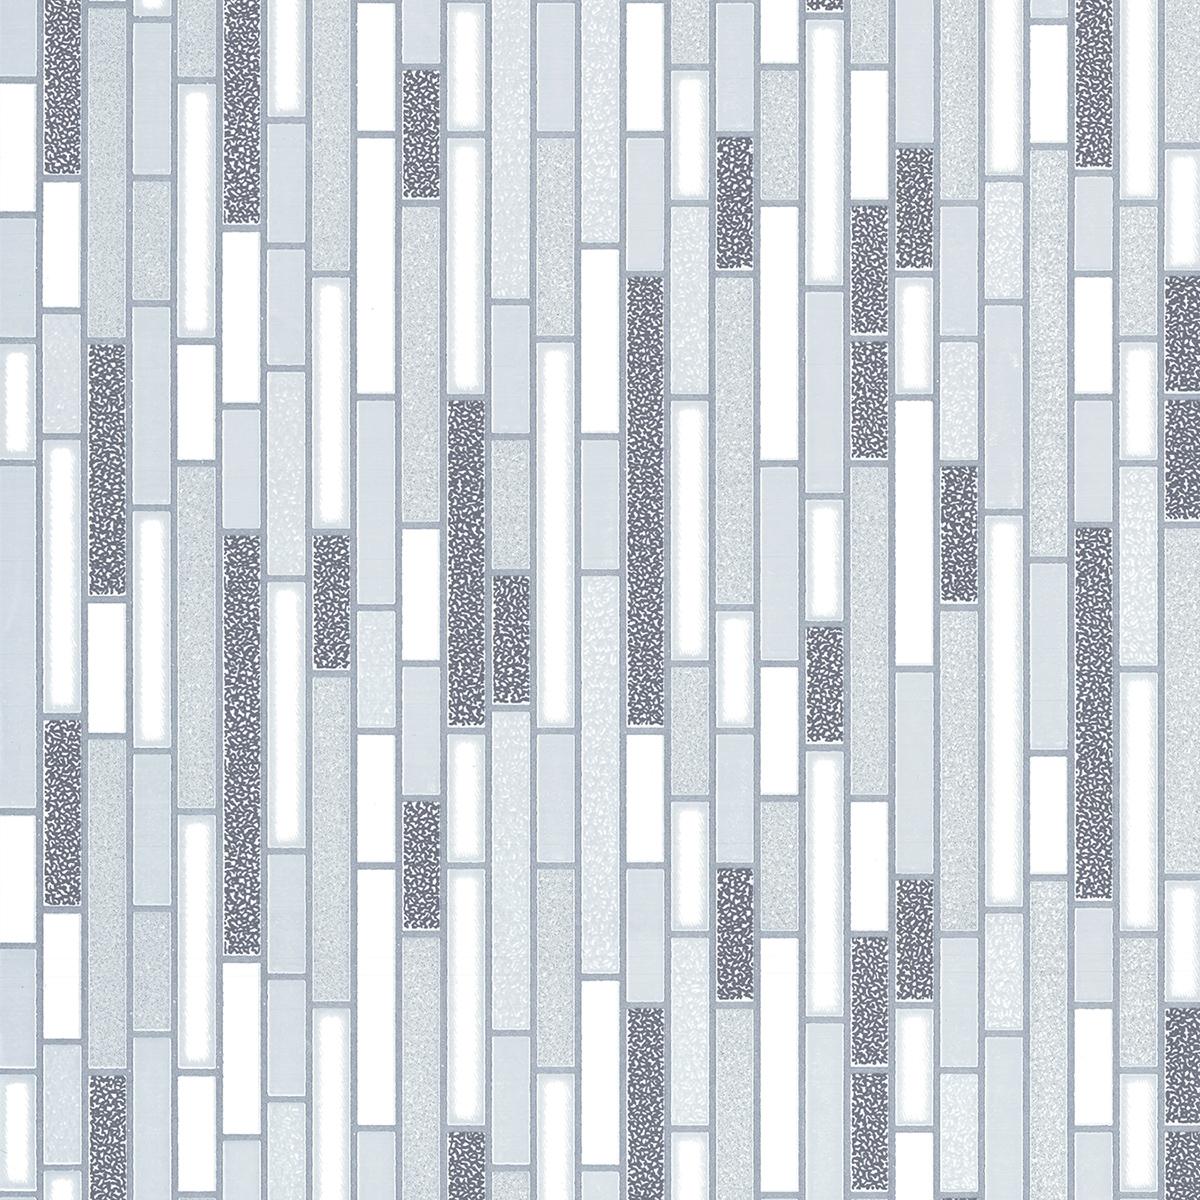 тапет Бестселър 3 мозайка сиво